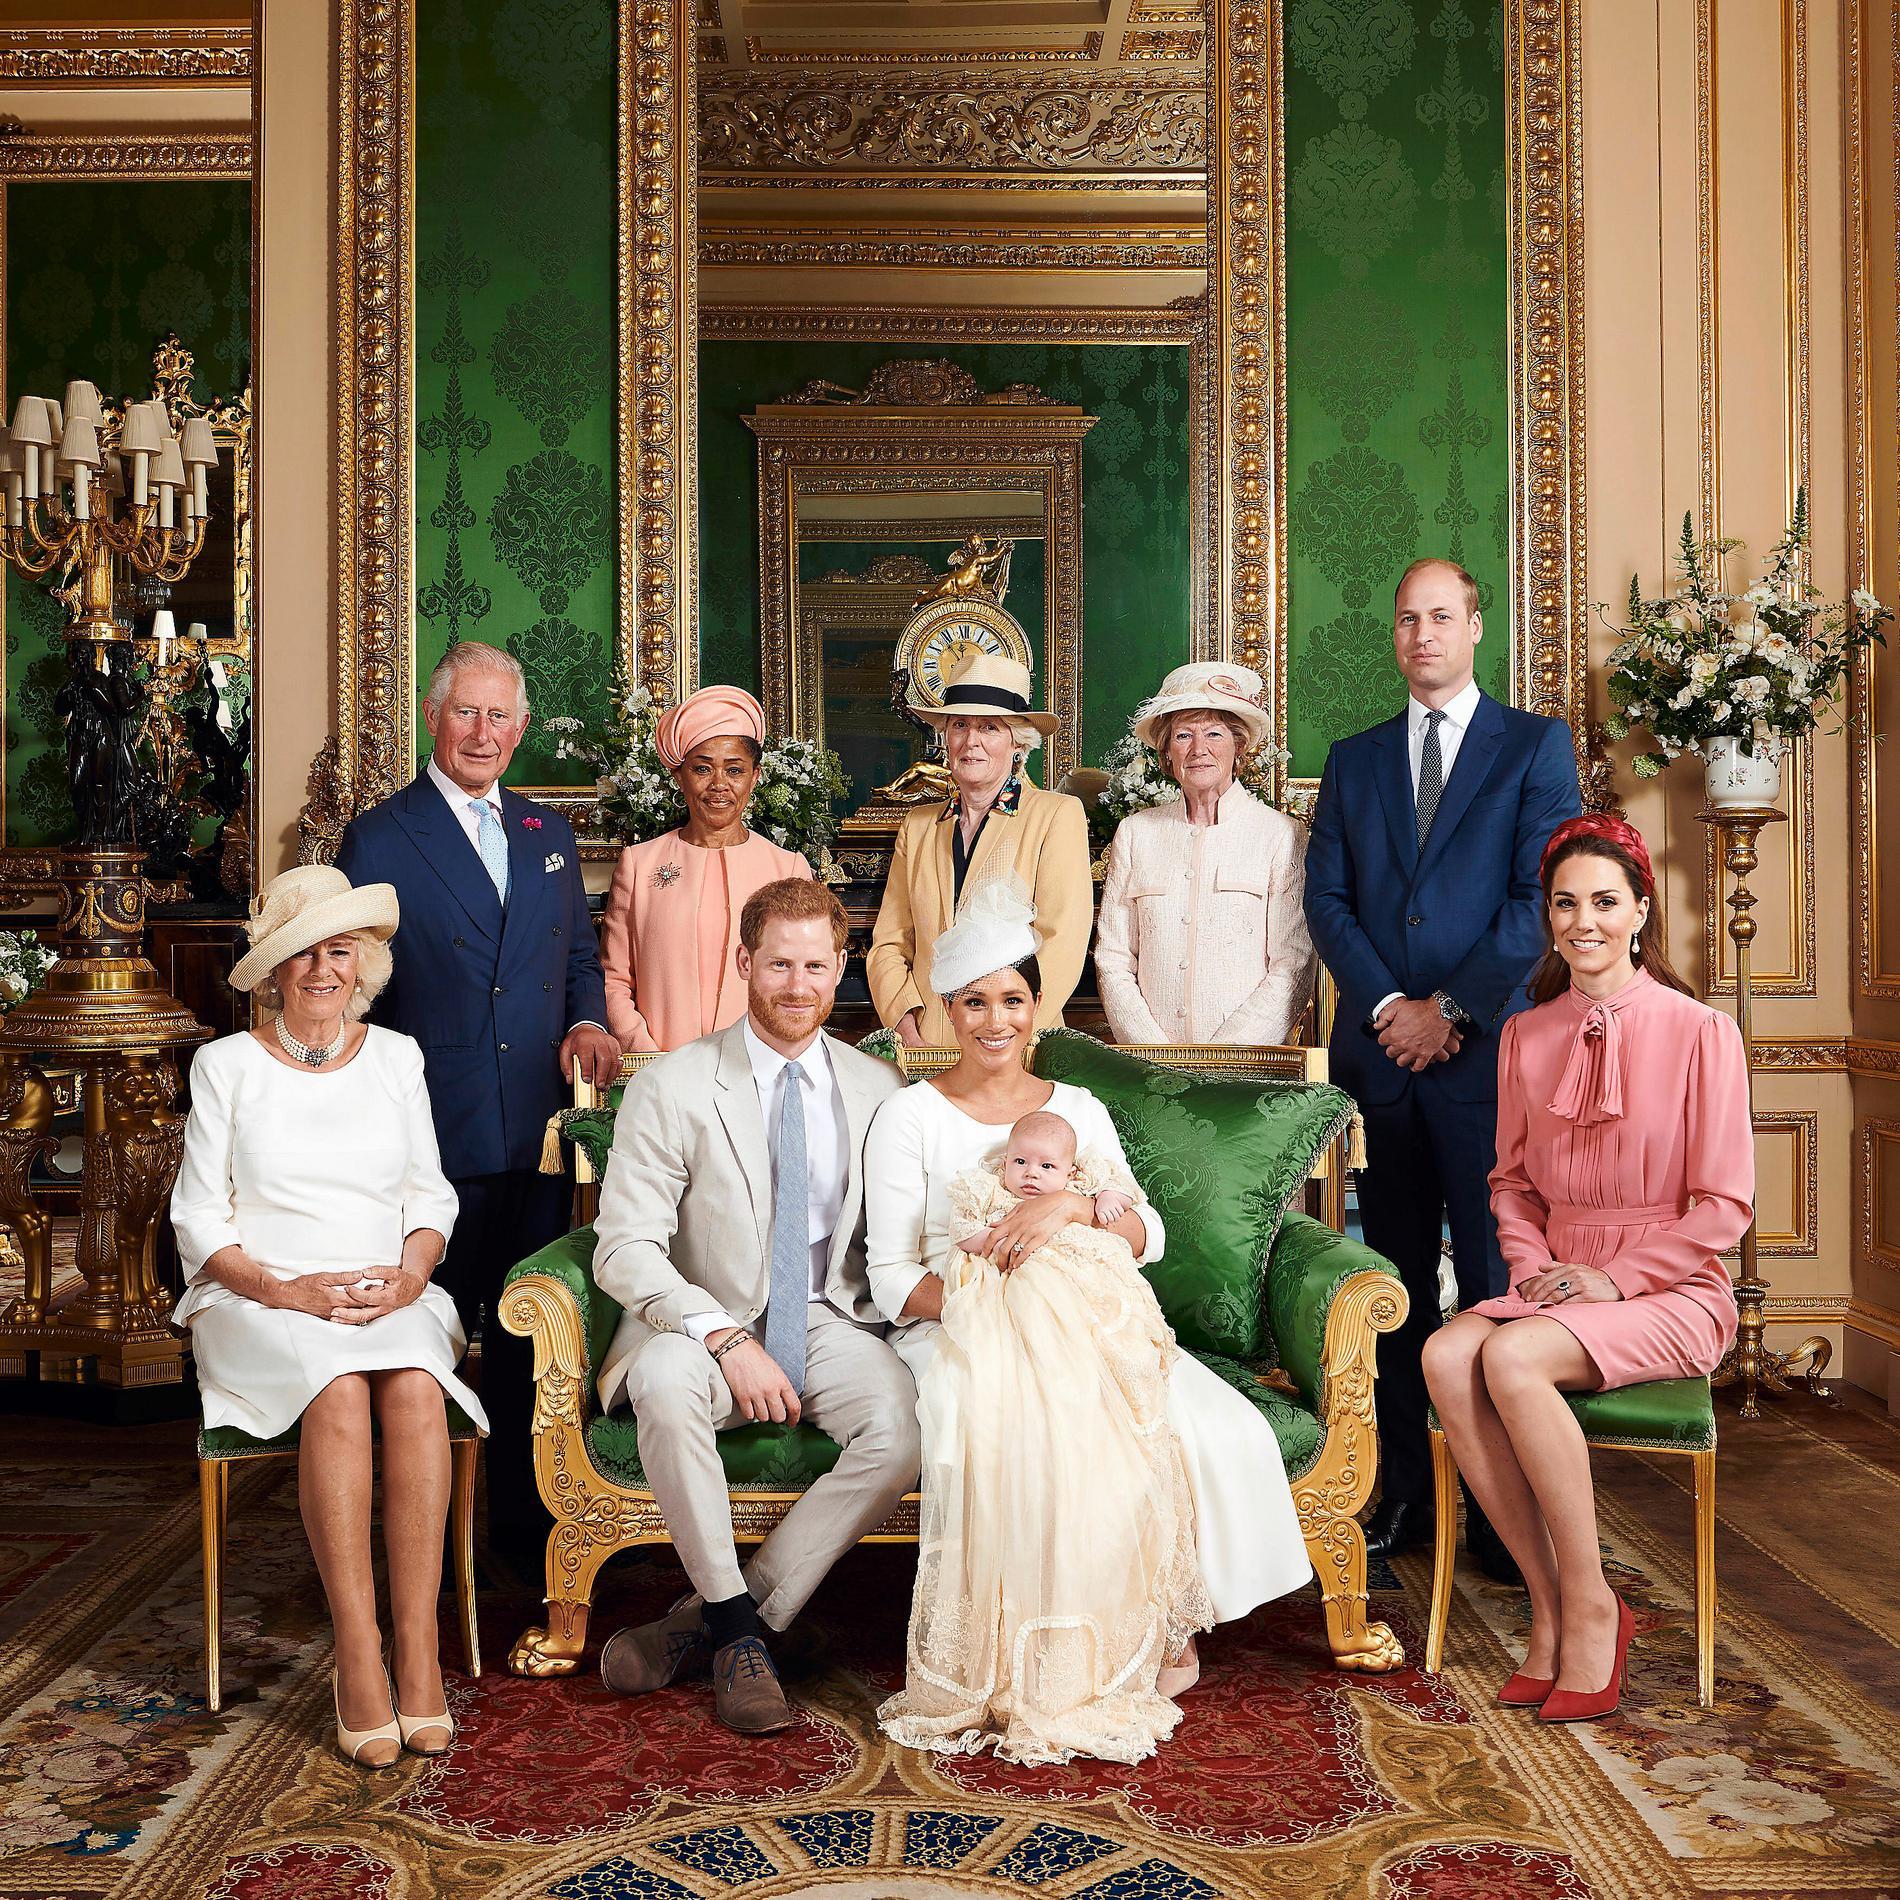 Förra gången: Harry, Meghan och lille Archie tillsammans med delar av släkten. Prins William och Kate, prinsessan Dianas systrar, farfar prins Charles och Camilla samt Meghans mamma Doria Ragland.